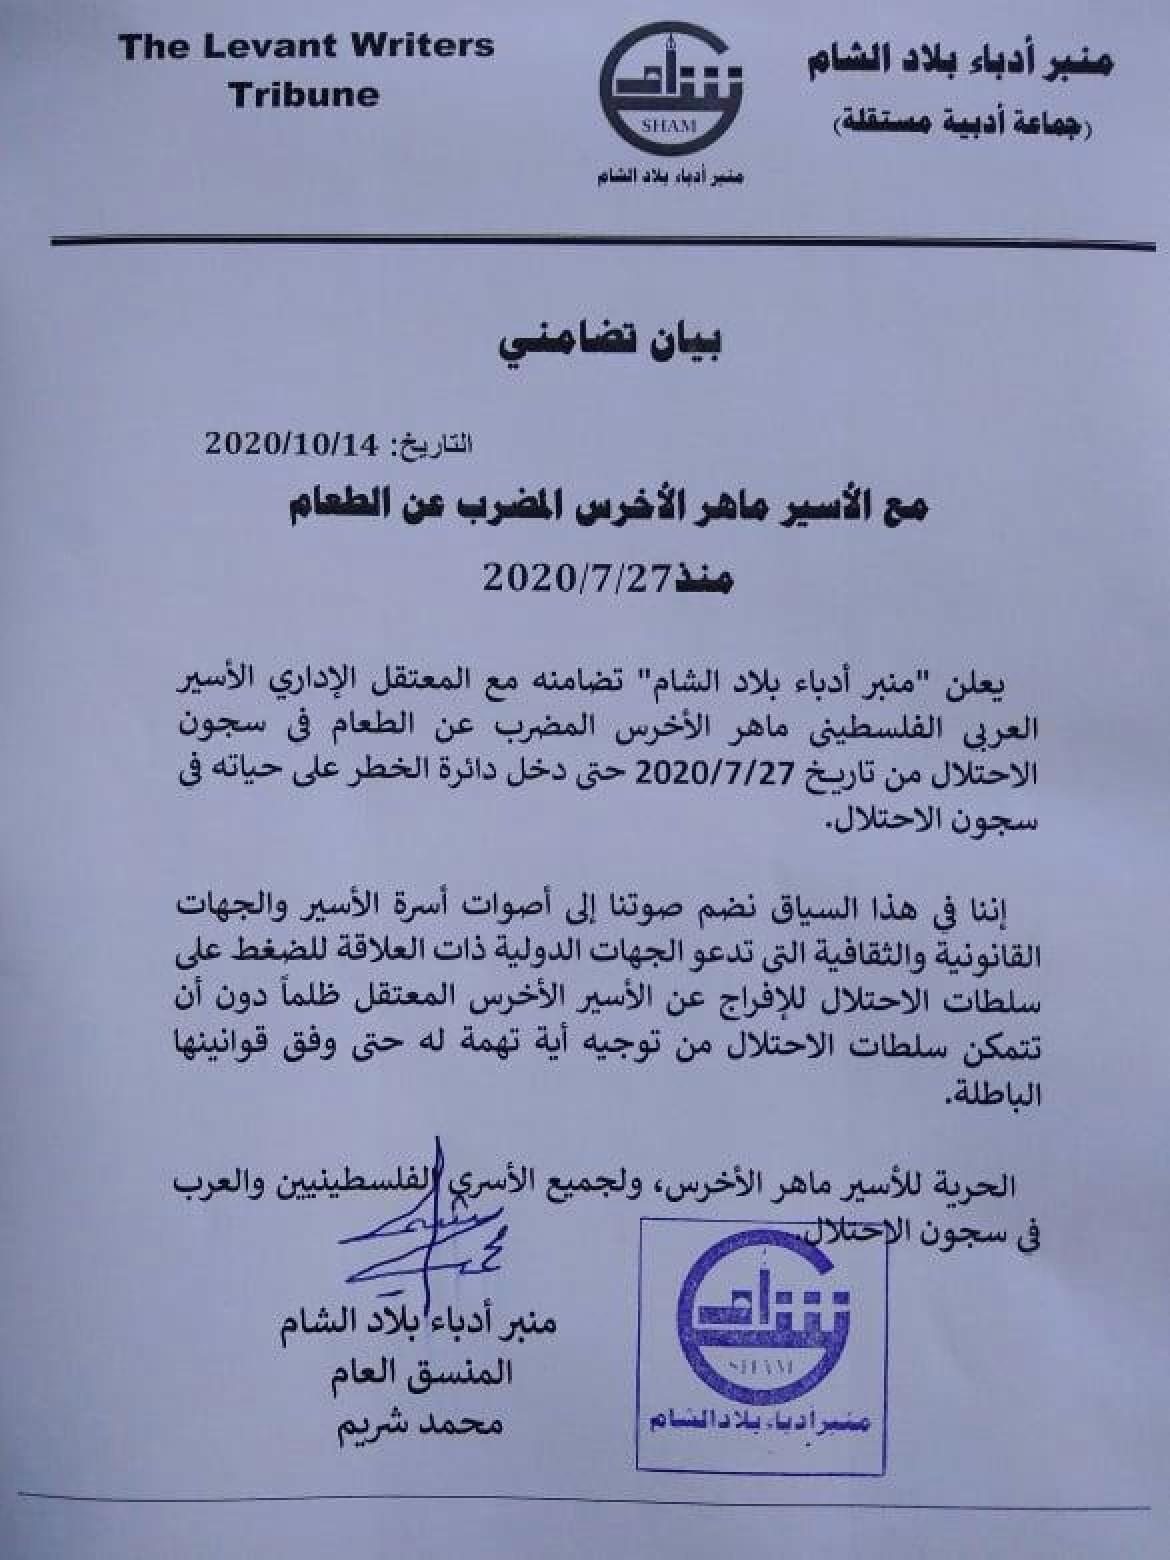 بيان منبر أدباء بلاد الشام